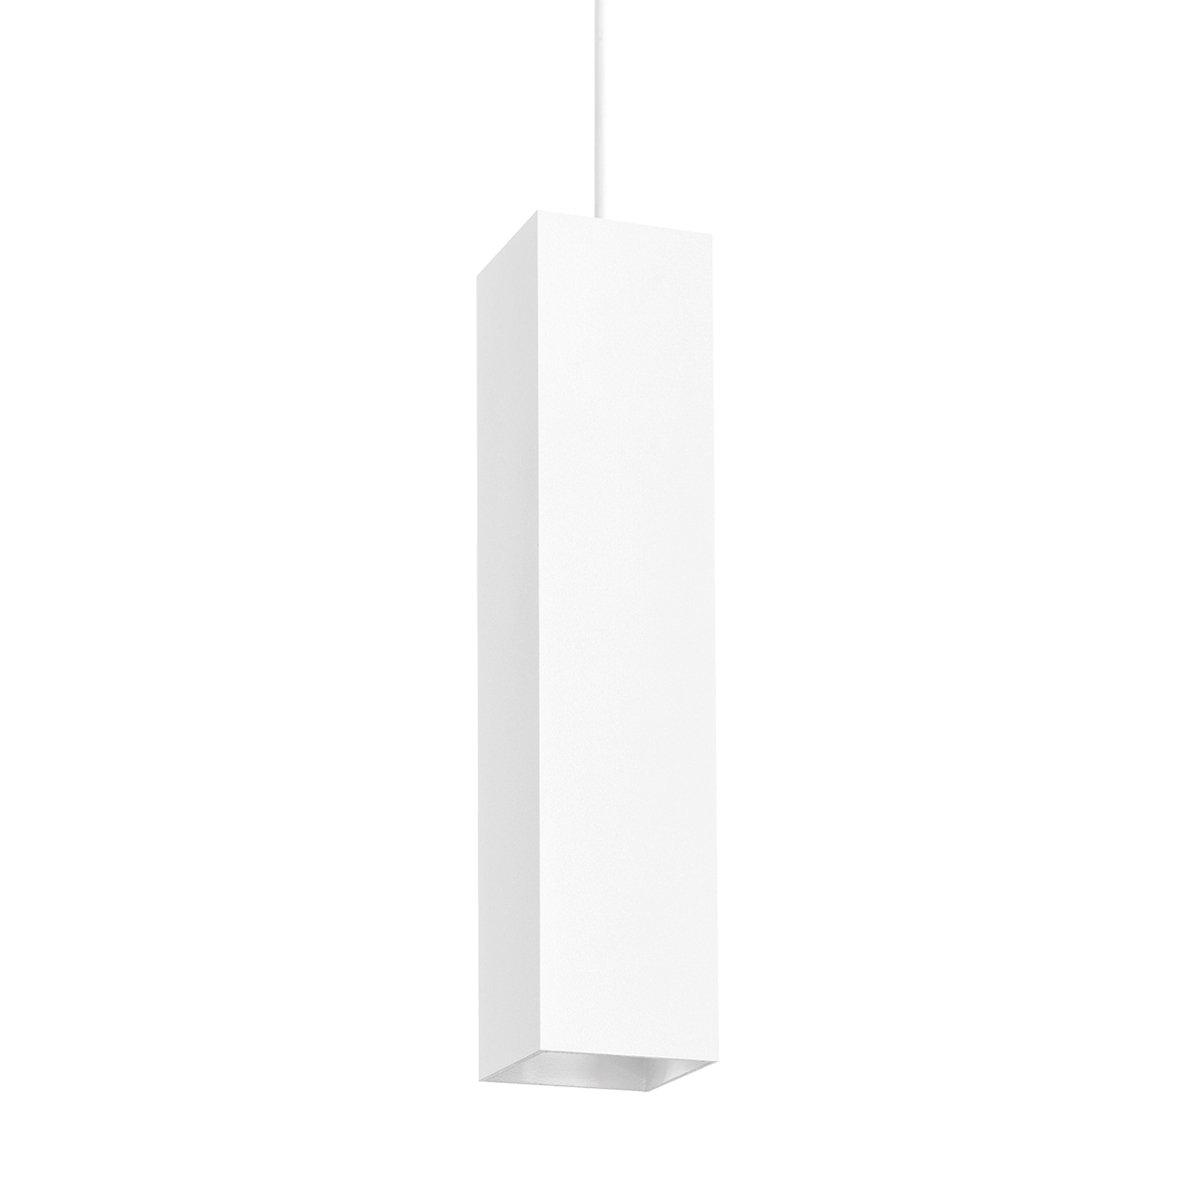 Wever & Ducr� Box 3.0 Hanglamp Signal White - 1800-2850 Kelvin